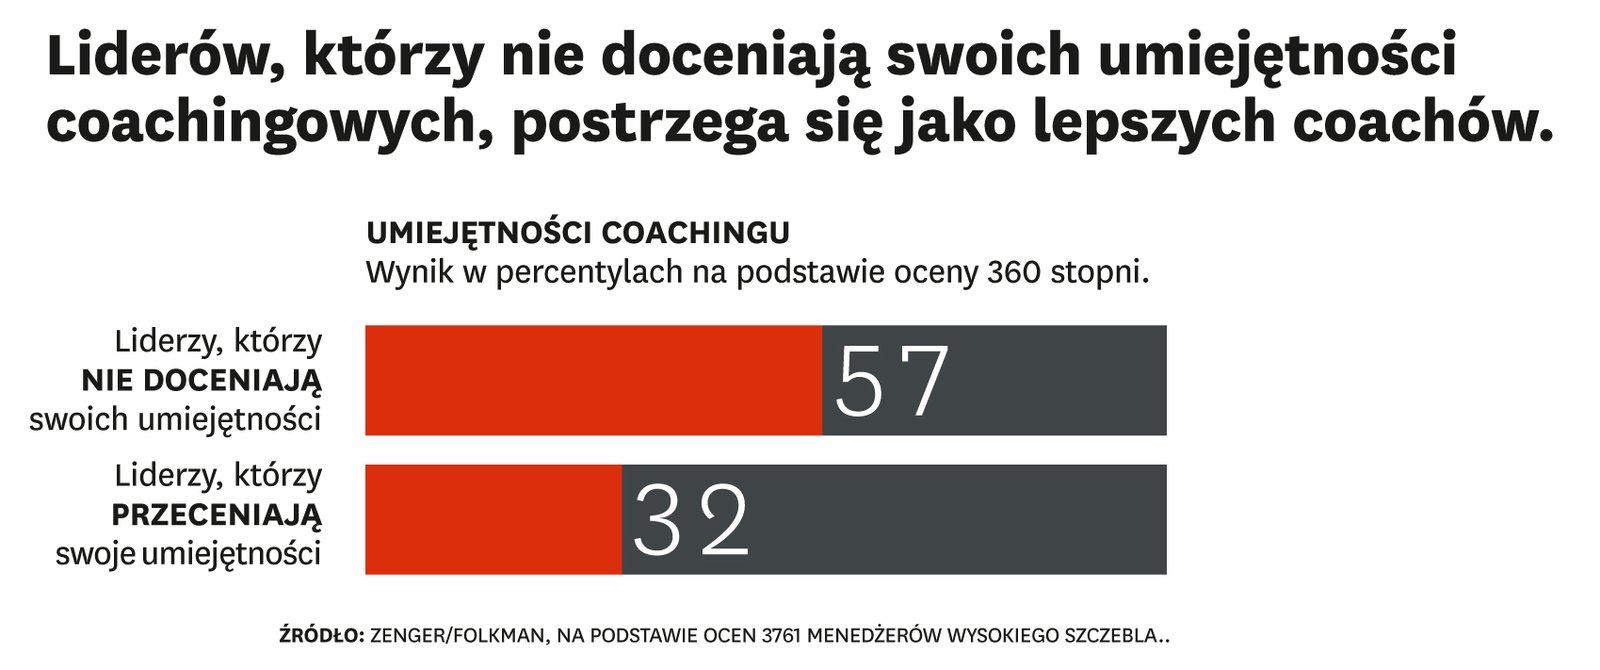 Myślisz, że jesteś świetnym coachem? Prawdopodobnie się mylisz